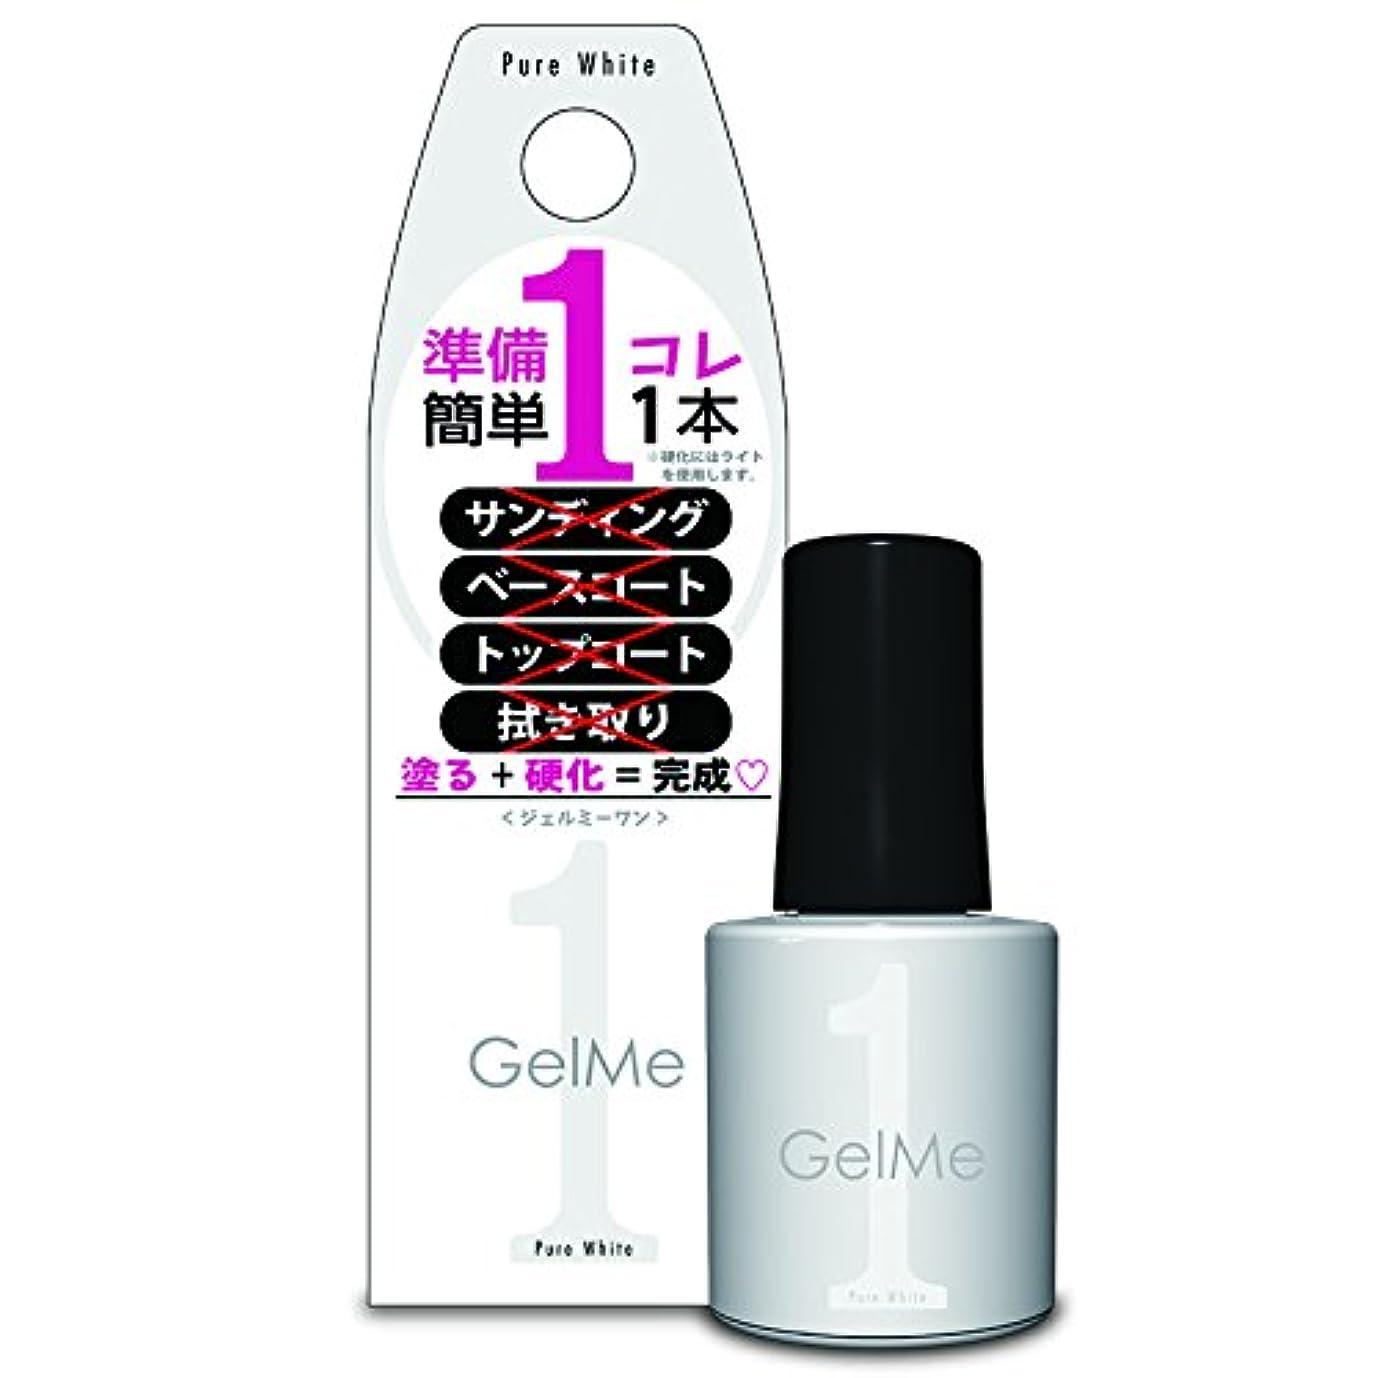 ジェルミーワン(Gel me 1) 64 ピュアホワイト